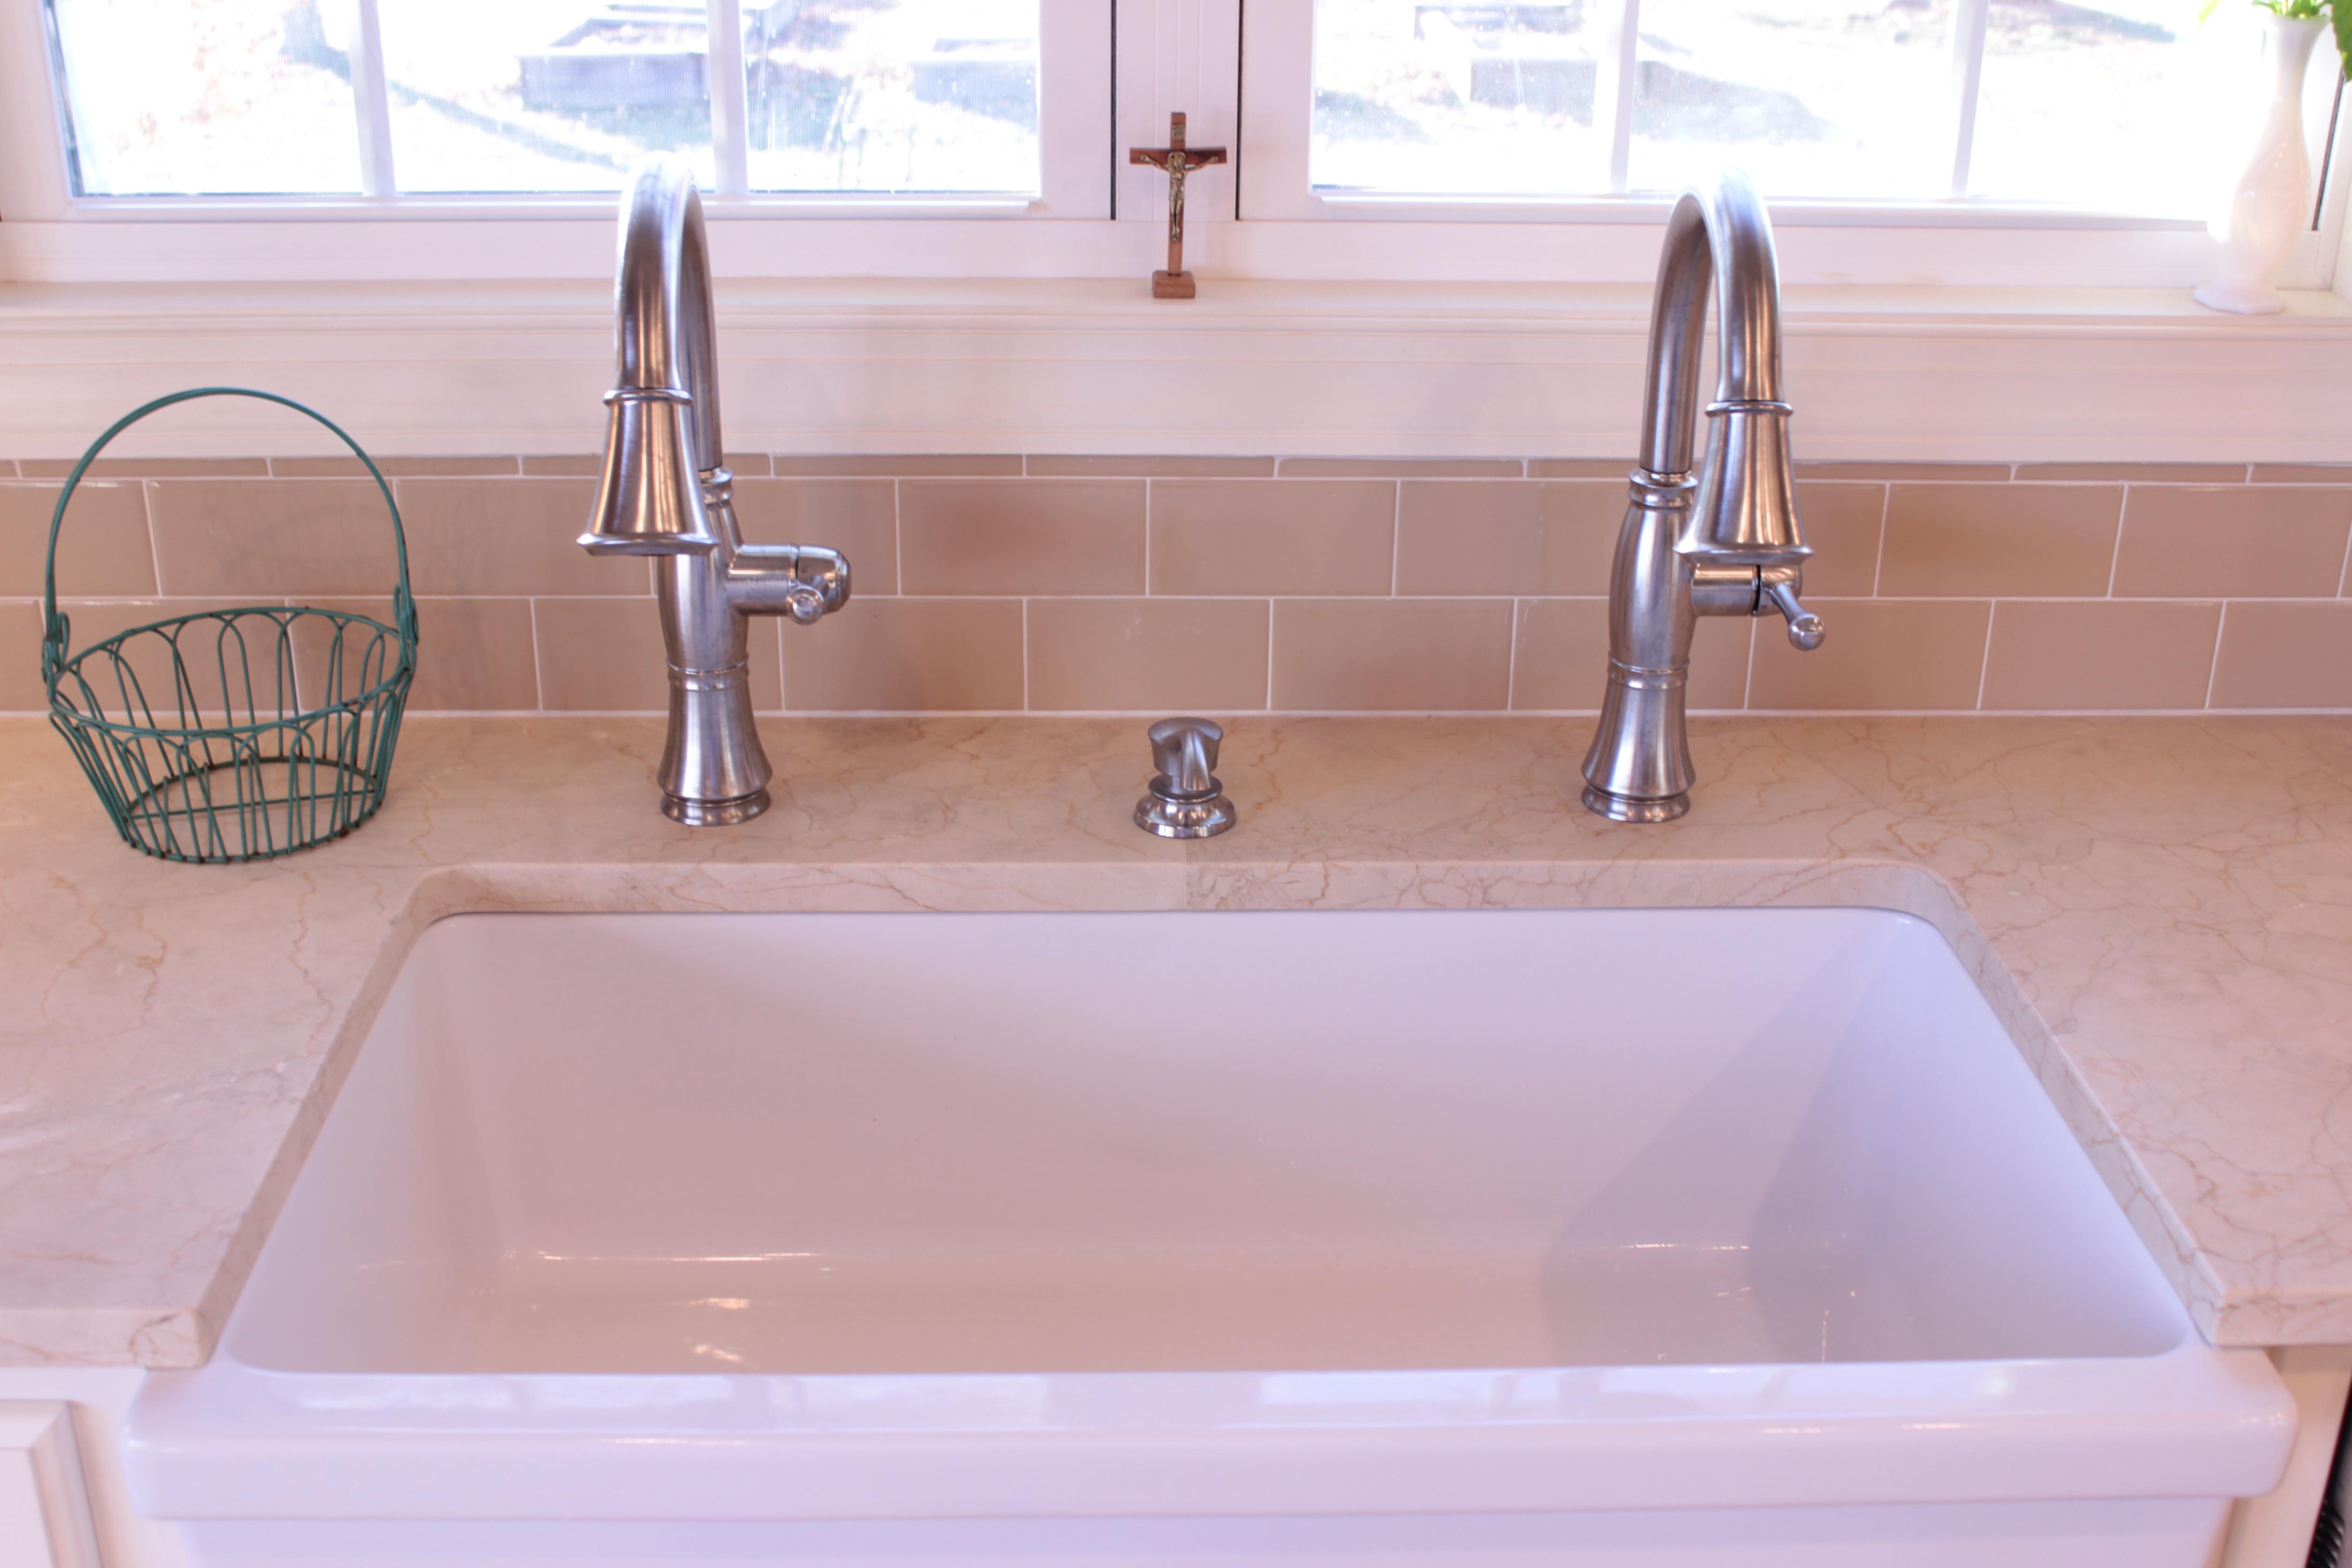 How Long Does Enamel Kitchen Sink Last